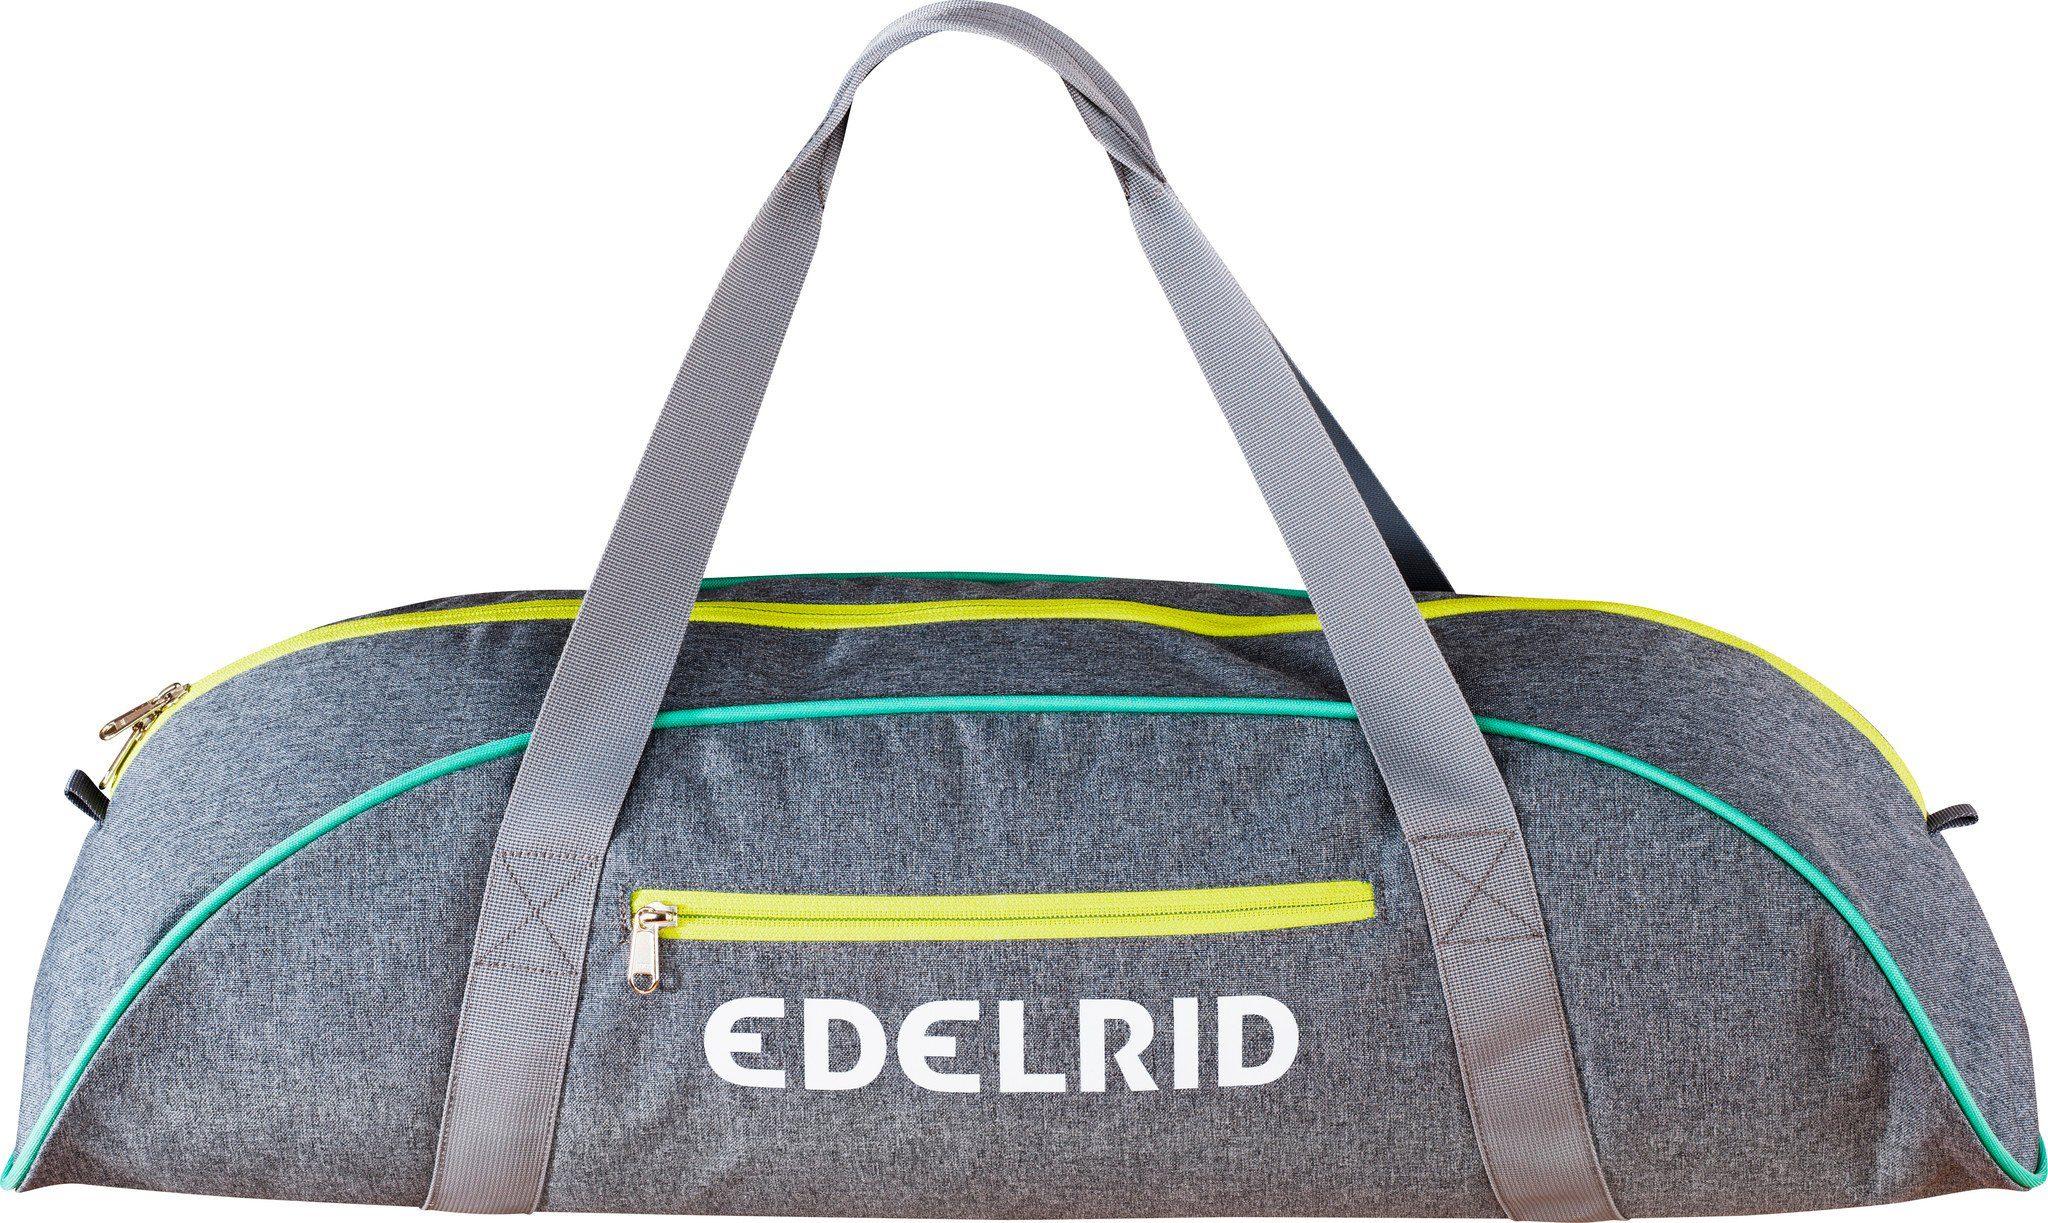 Edelrid Klettergurt Orion : Edelrid kletterrucksack hinge bag« online kaufen otto